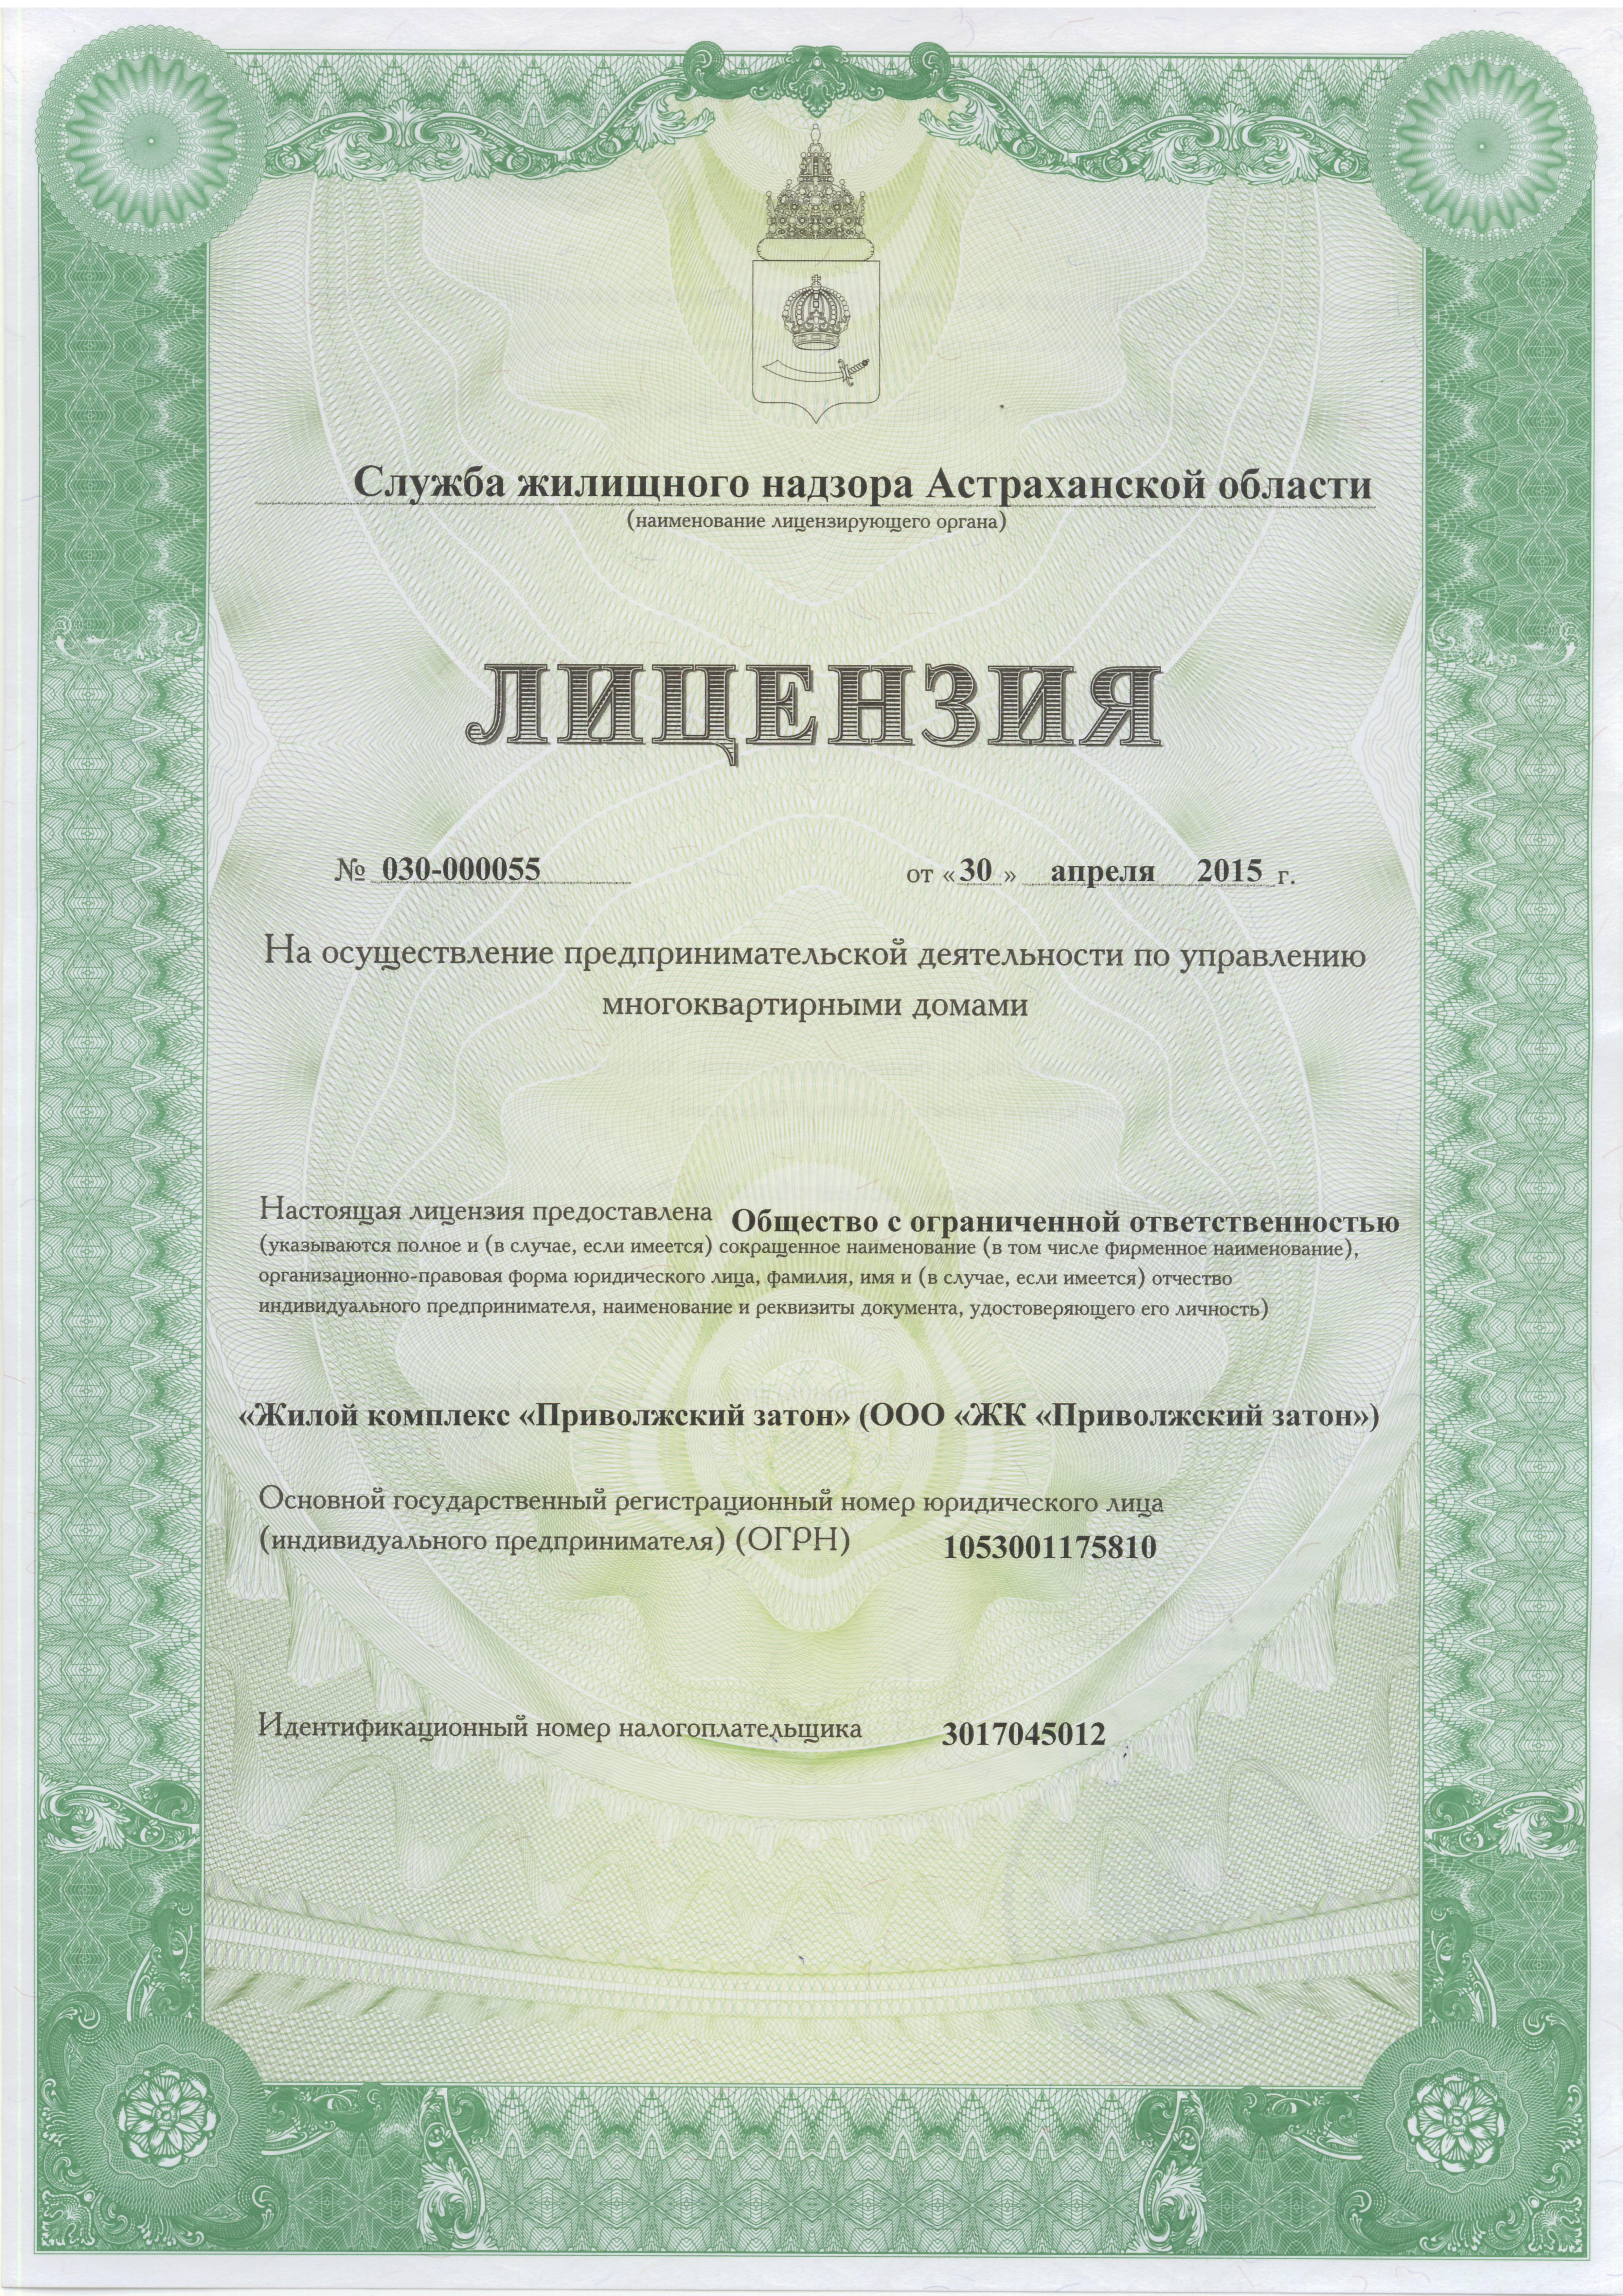 """Лицензия ООО """"ЖК """"Приволжский затон"""""""